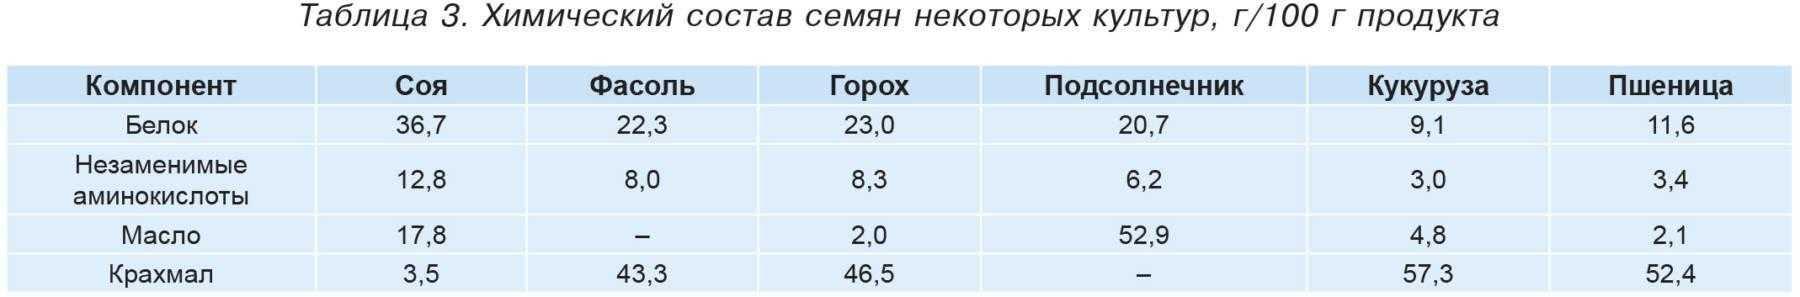 Таблица 3. Химический состав семян некоторых культур, г/100 г продукта